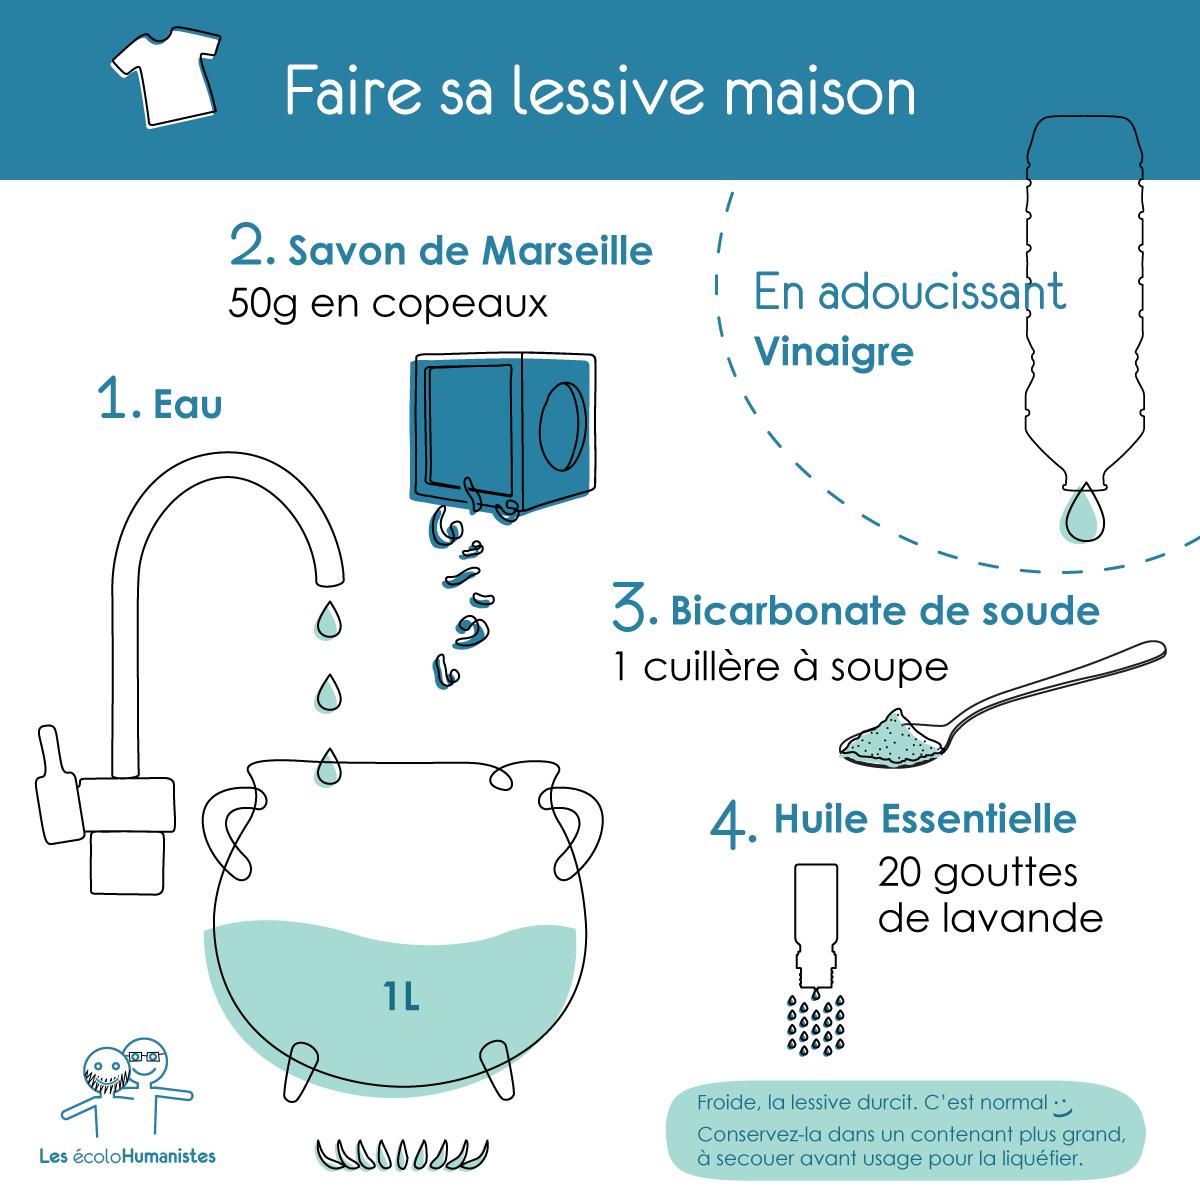 Lessive maison : la recette de la lessive et autres produits ménagers